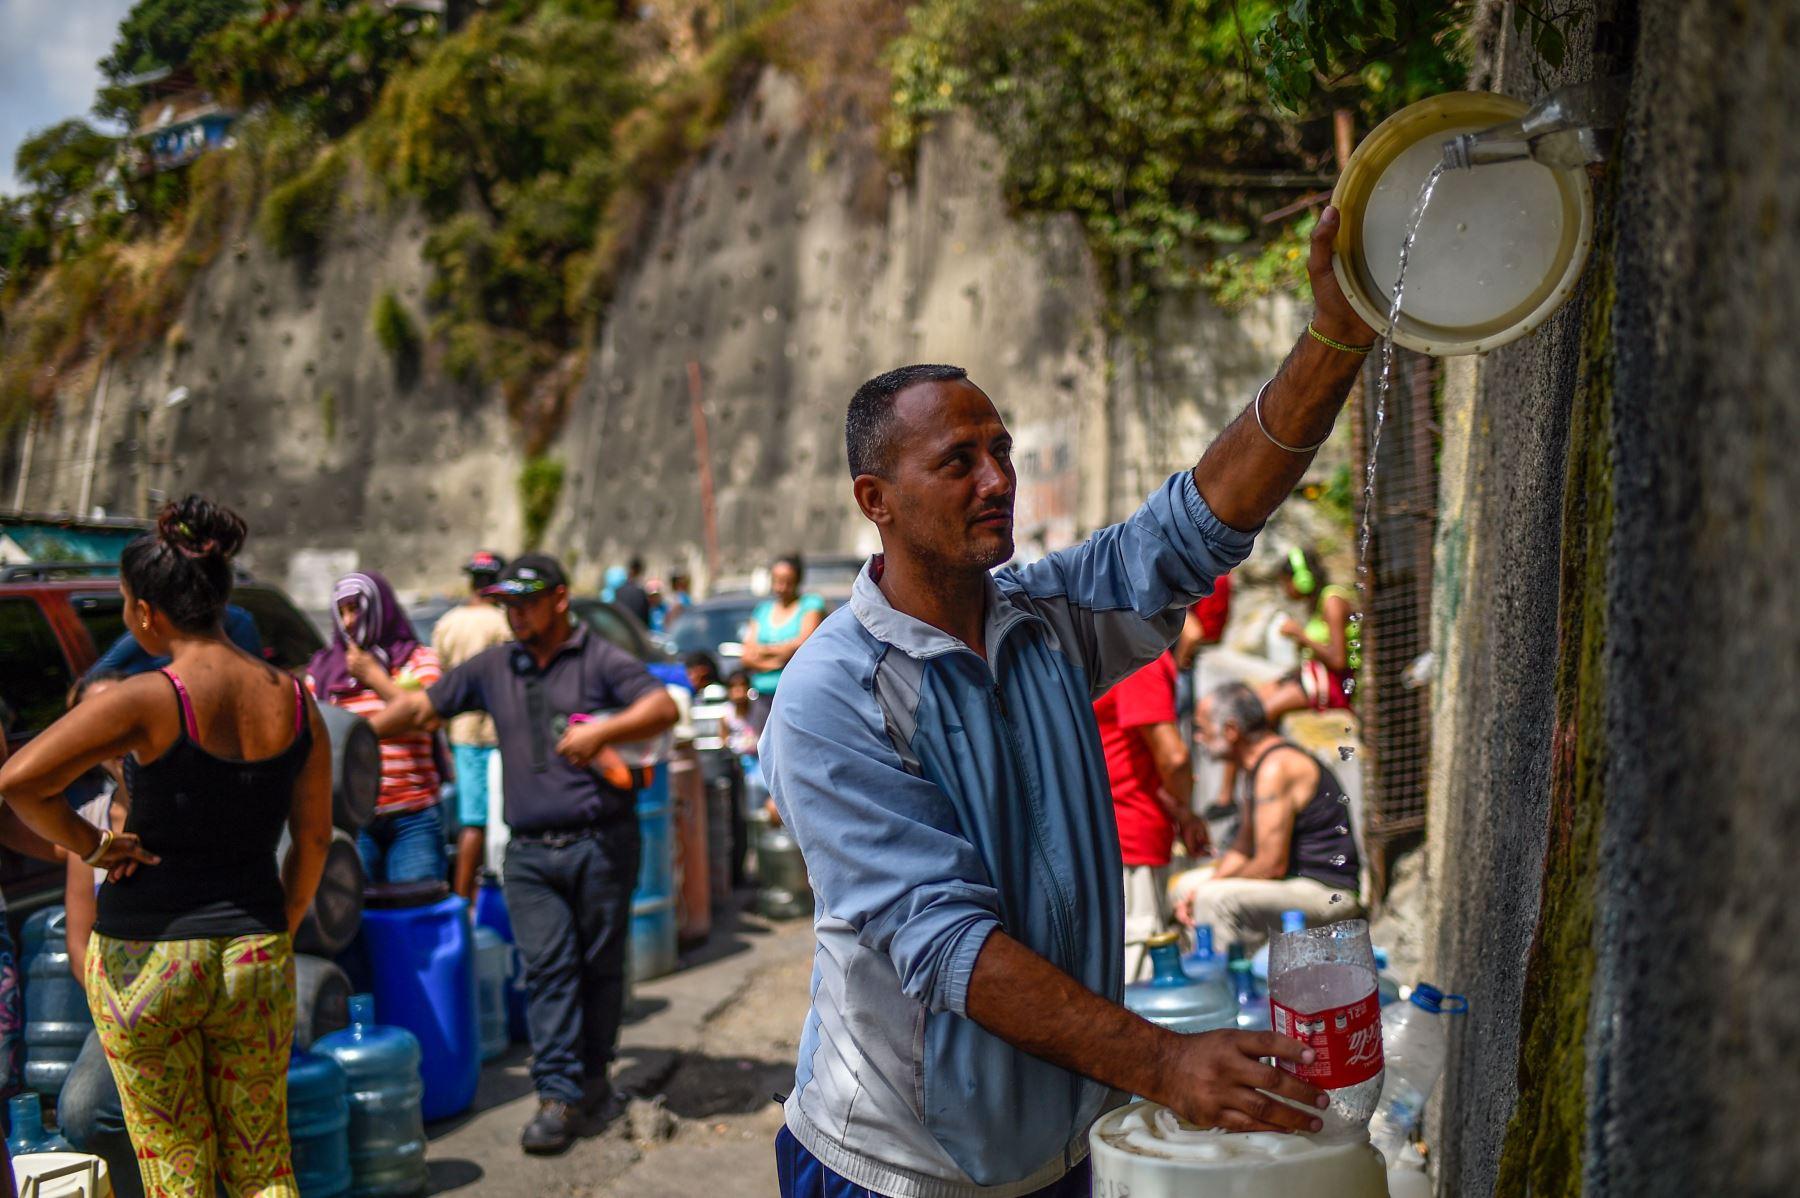 """Caracas: un hombre llena contenedores con agua que fluye desde la montaña Wuaraira Repano, también llamada """"El Ávila"""", en Caracas el 13 de marzo de 2019. Foto: AFP"""